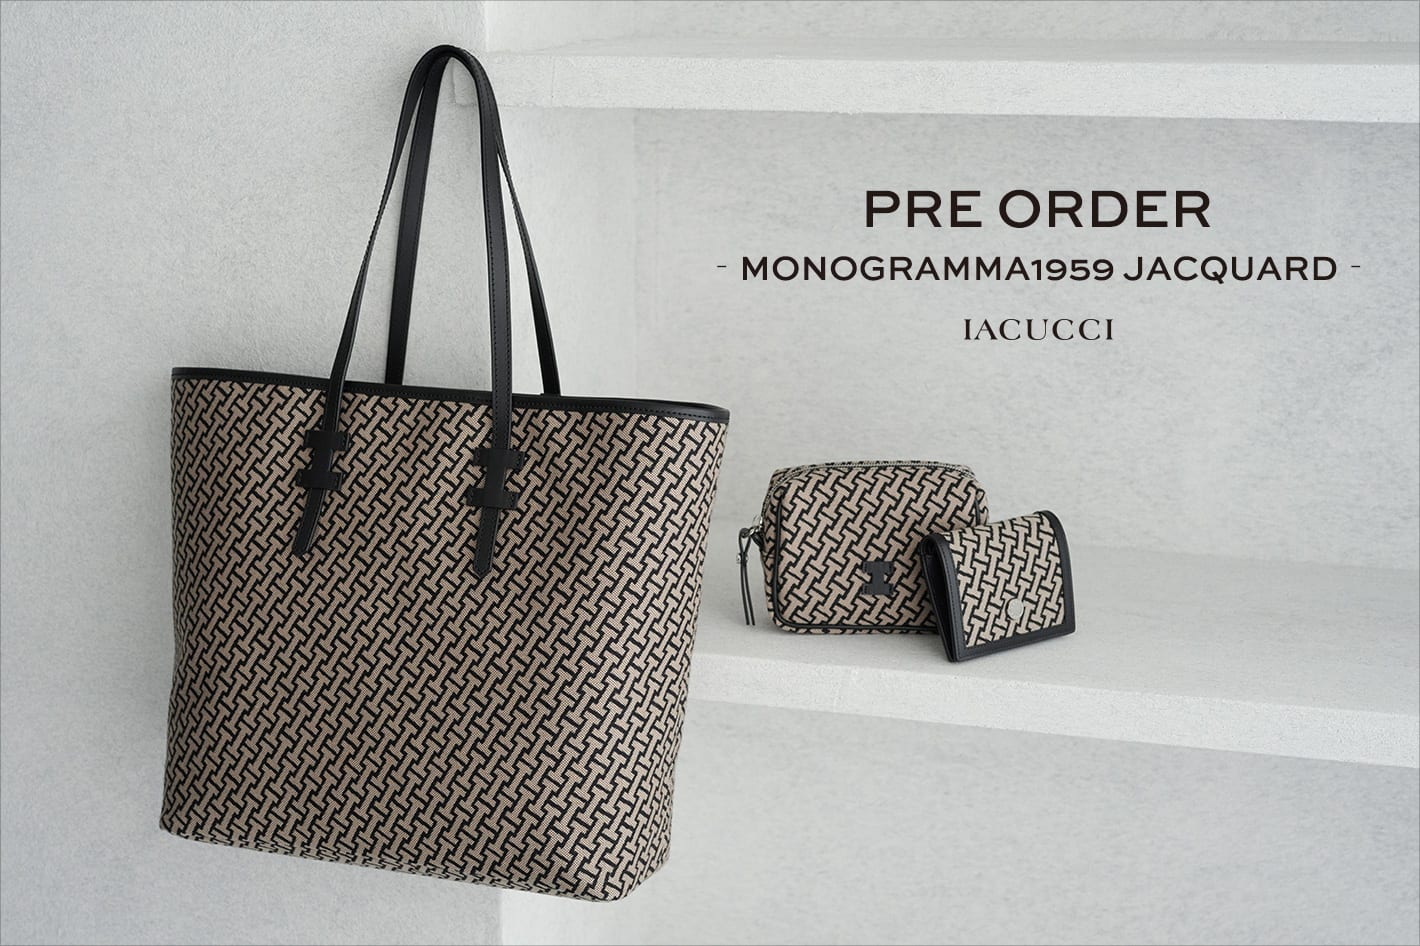 IACUCCI 〈PRE ORDER〉MONOGRAMMA1959シリーズに新型が登場!